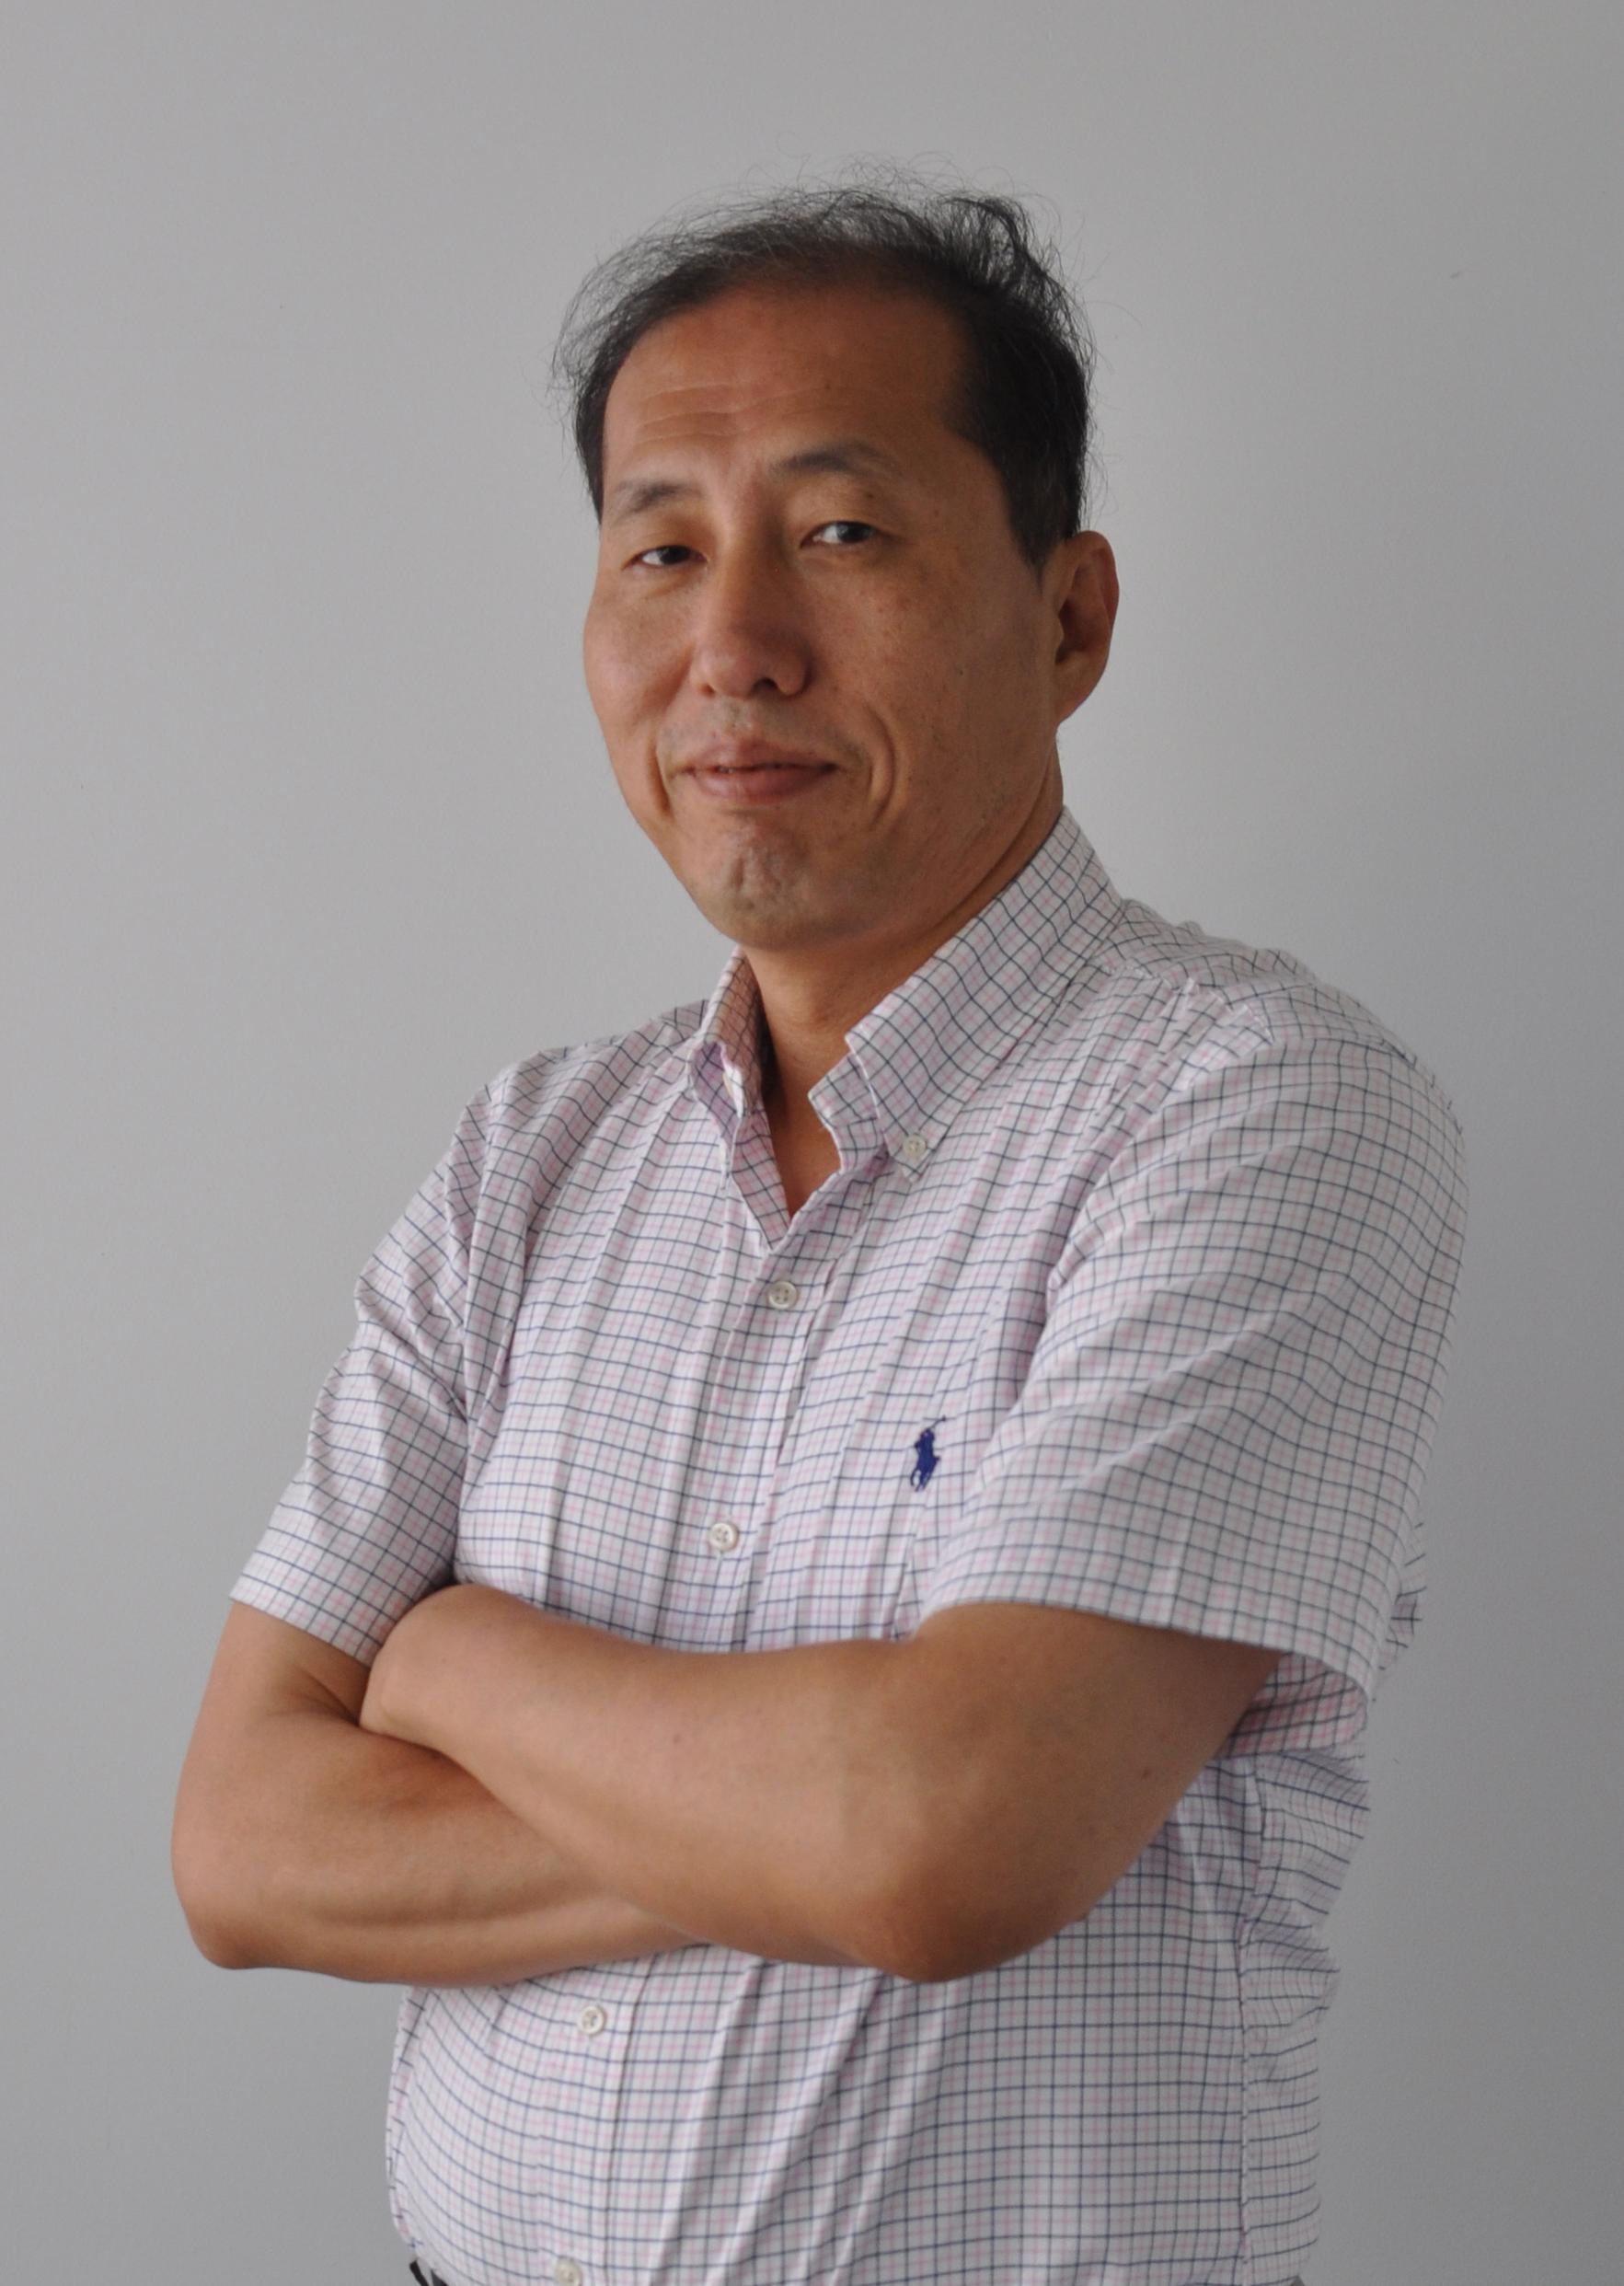 Manbok Kim